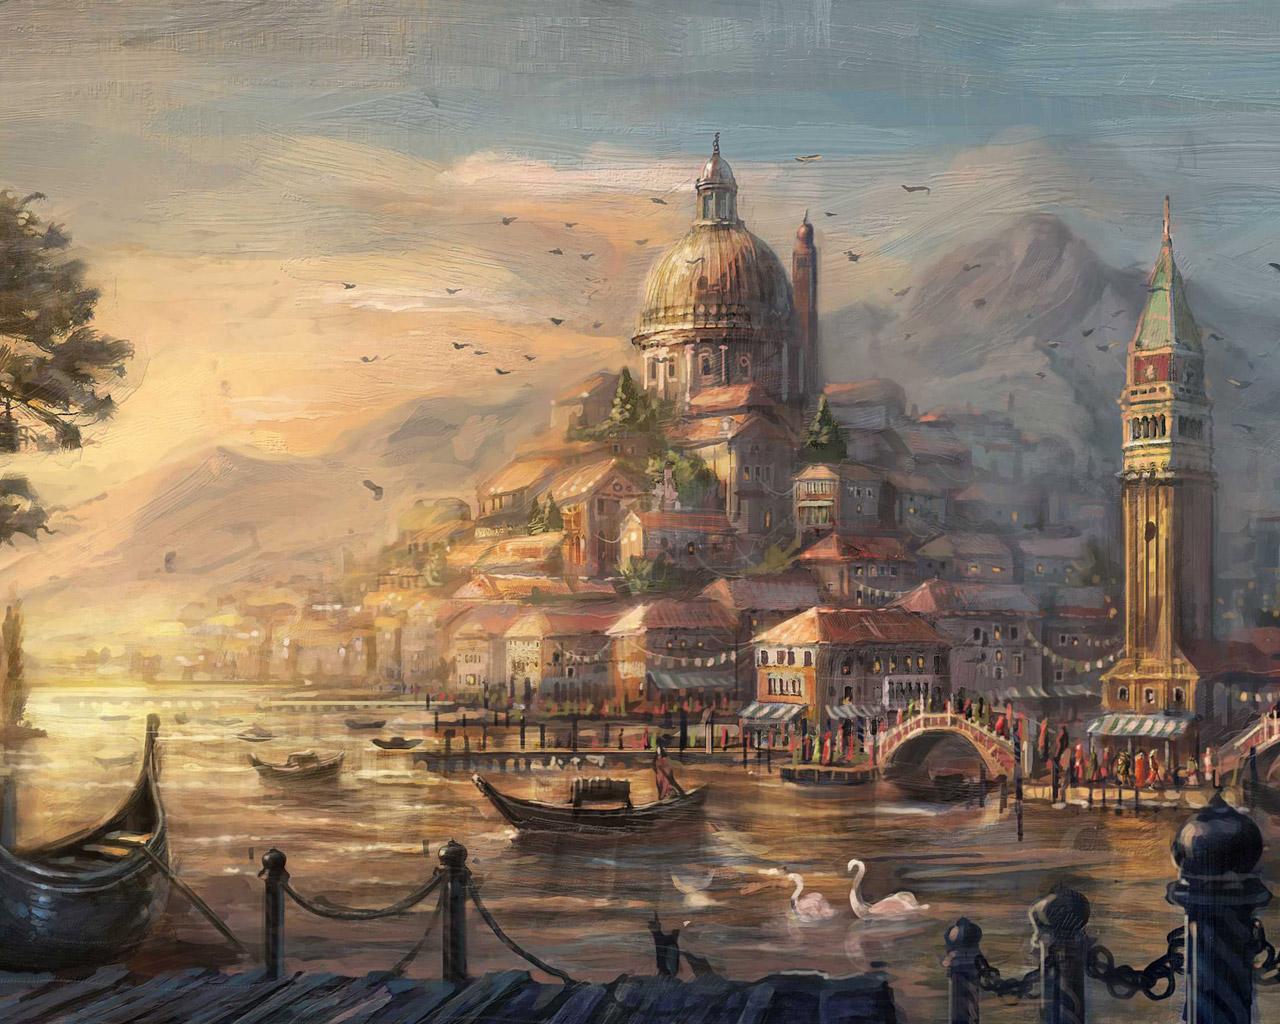 Free Anno 1404 Wallpaper in 1280x1024